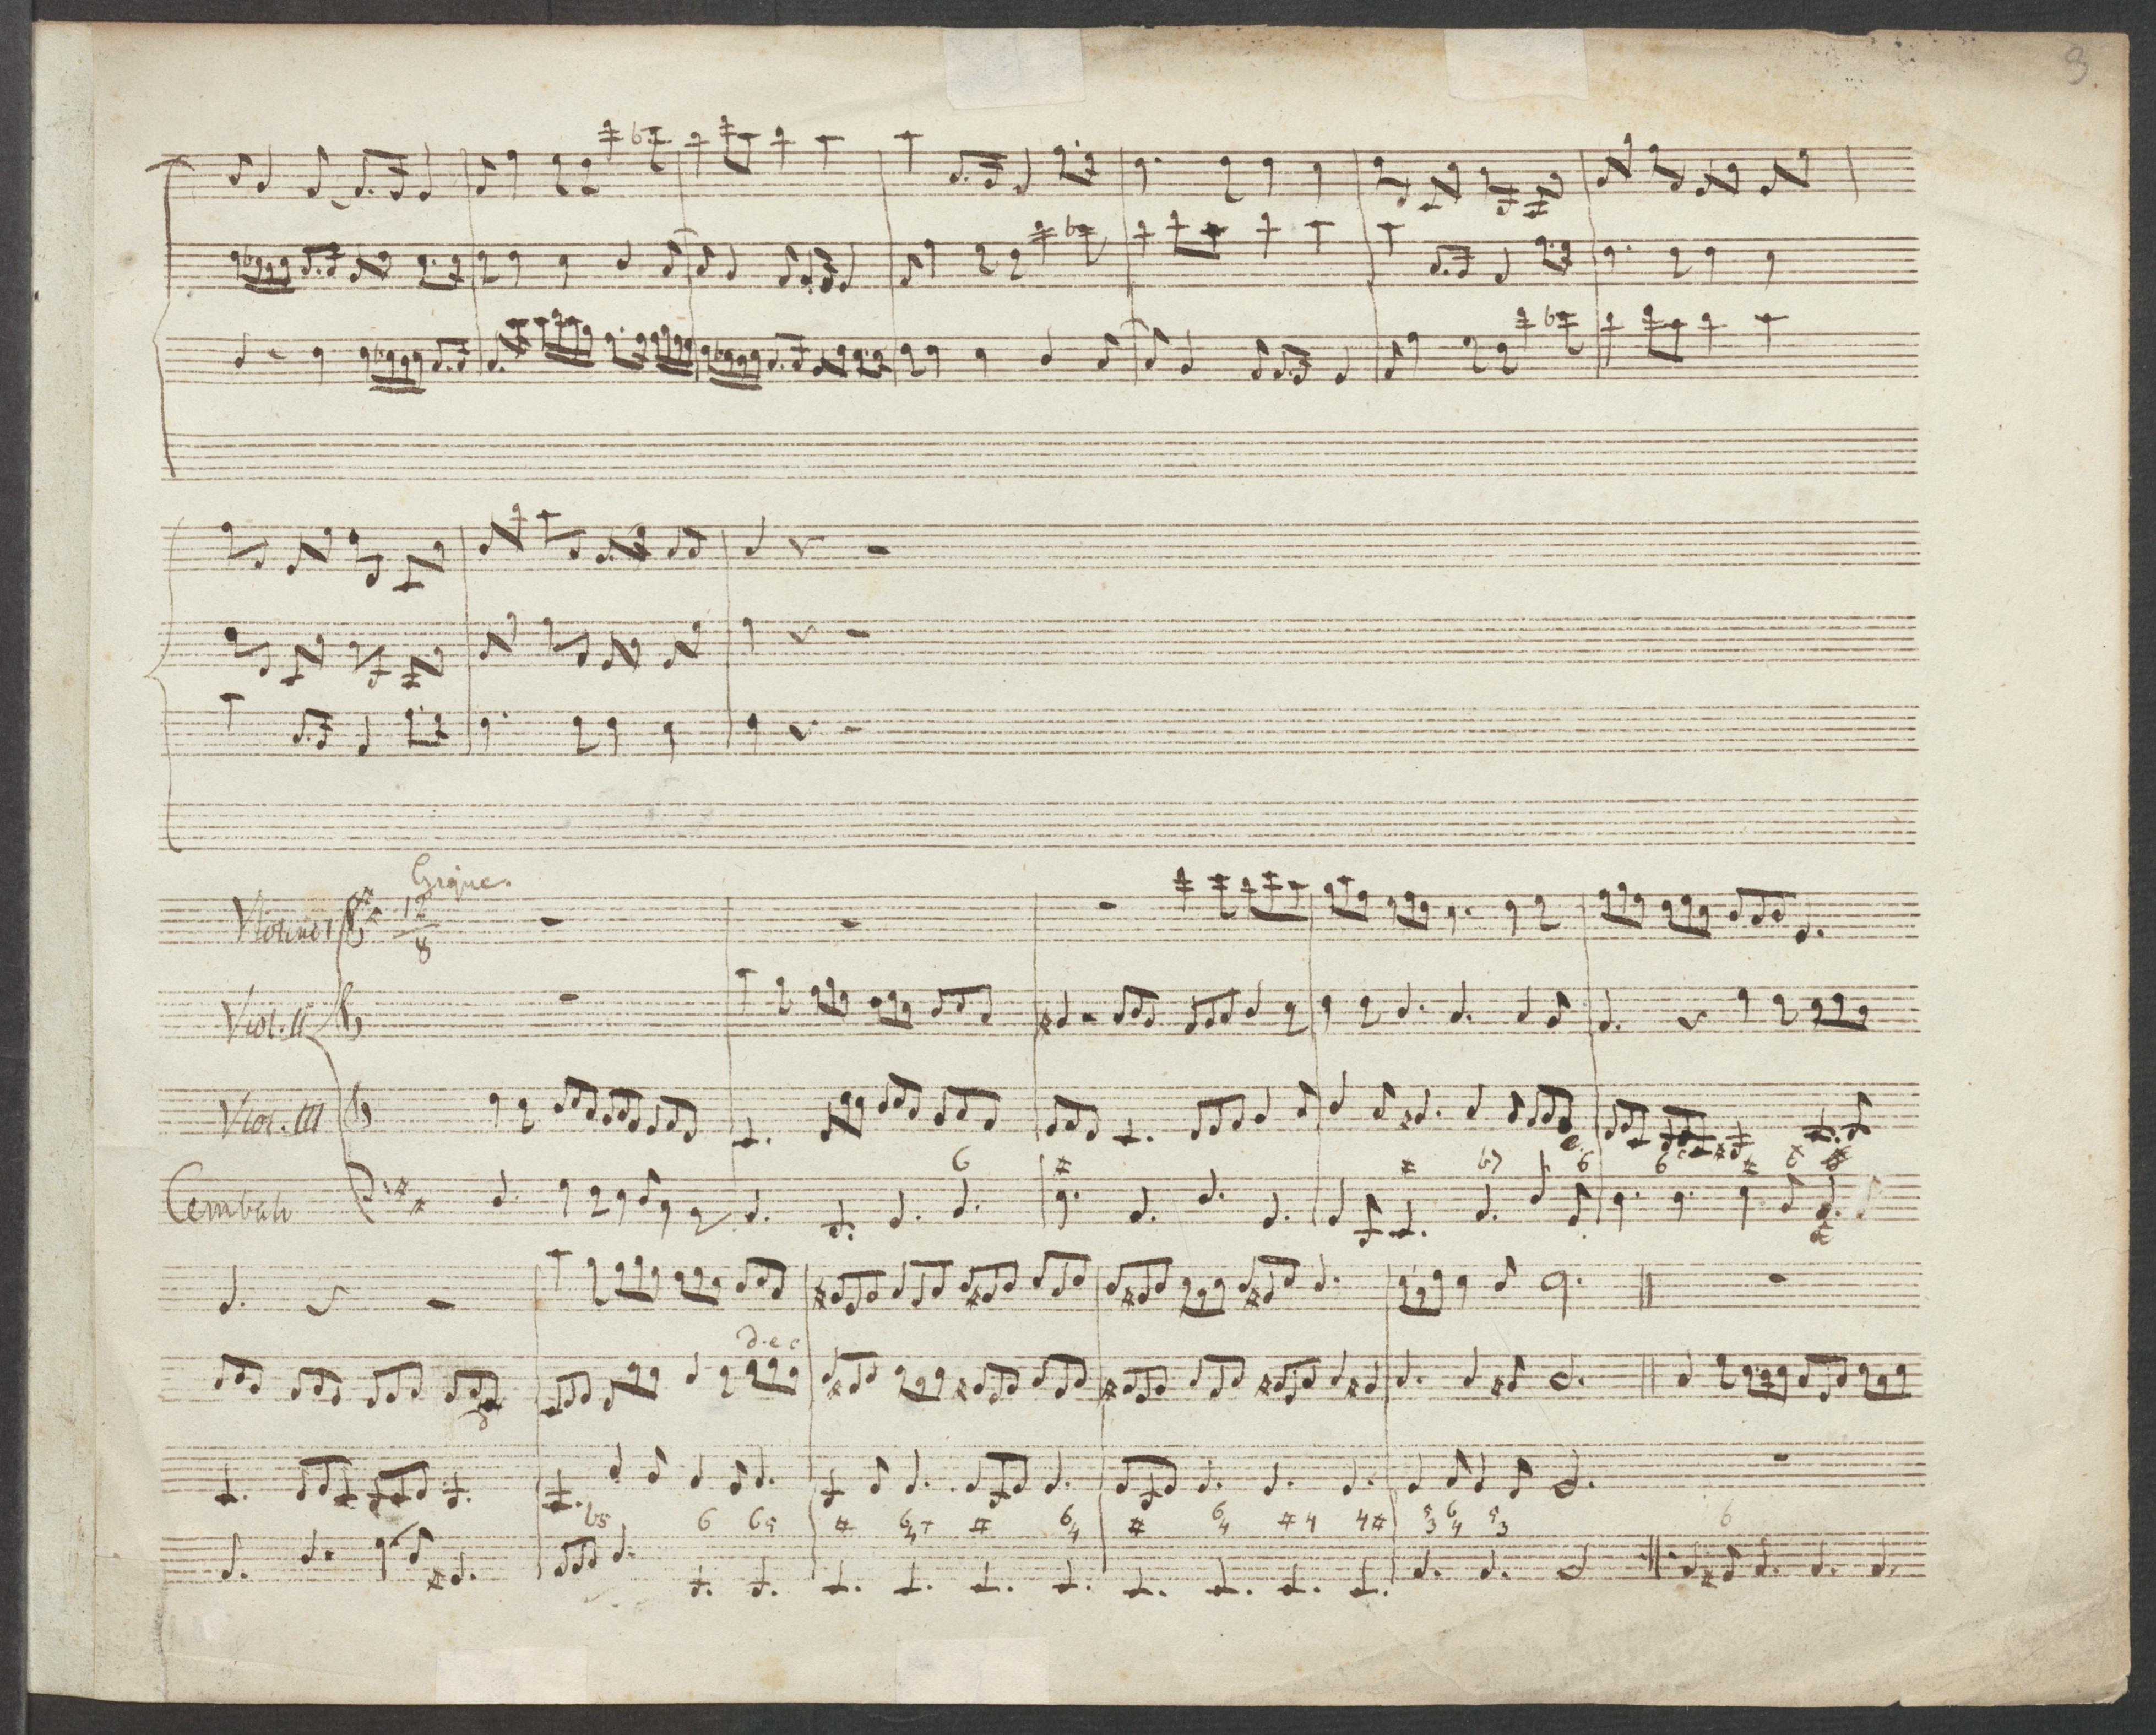 Partition manuscripte du Canon et Gigue de Pachelbel, Staatsbibliothek zu Berlin - Preußischer Kulturbesitz, Berlin, Cliquer sur la photo pour voir l'original et plus d'infos